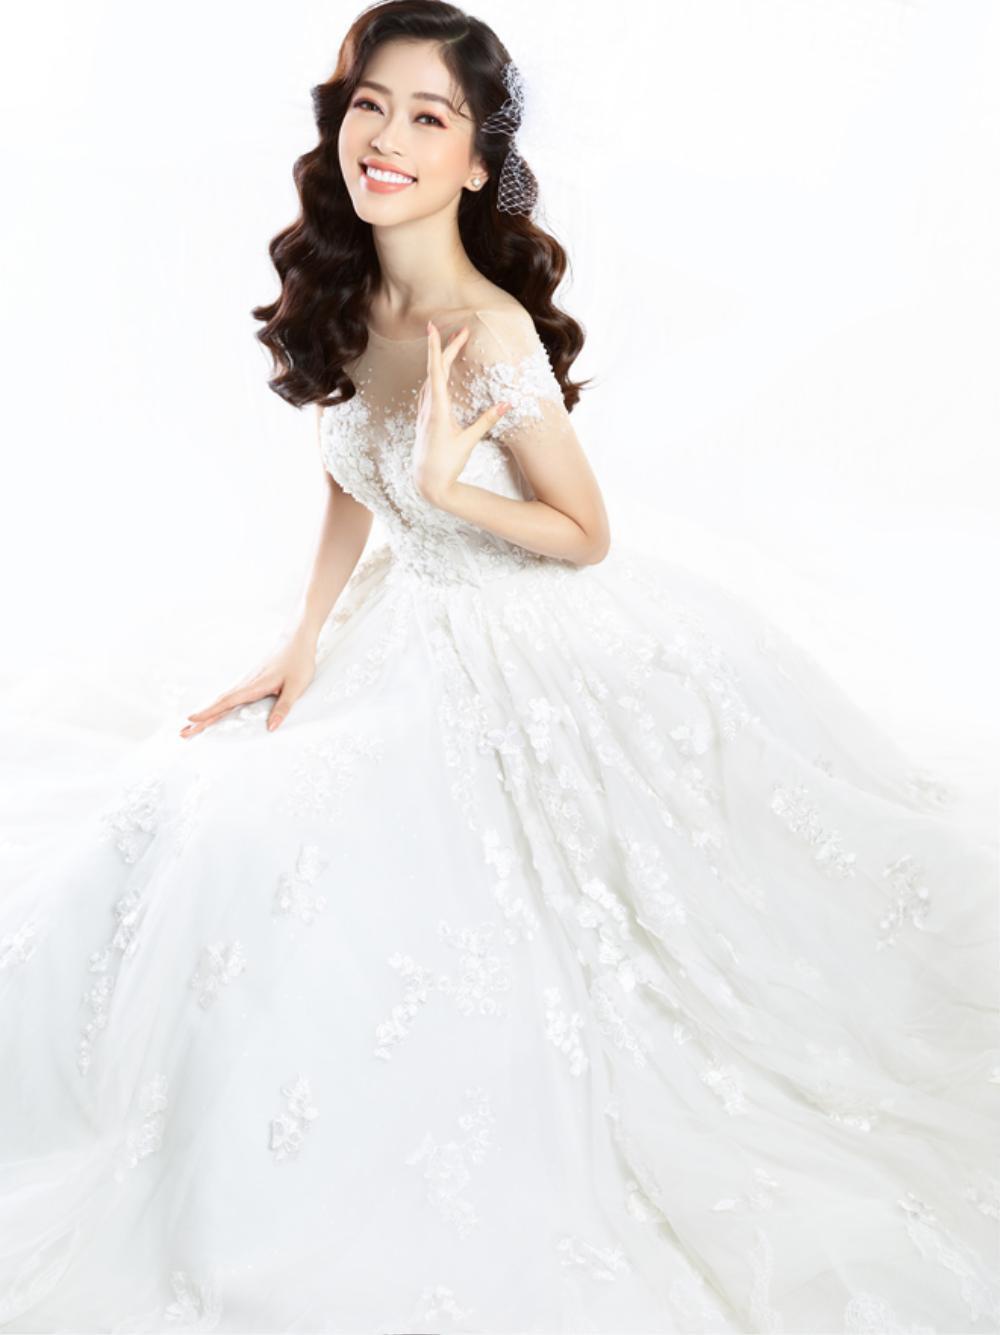 Phương Nga diện váy cưới xinh hết nấc, fan thi nhau chúc mừng chờ đón đám cưới cùng Bình An Ảnh 7